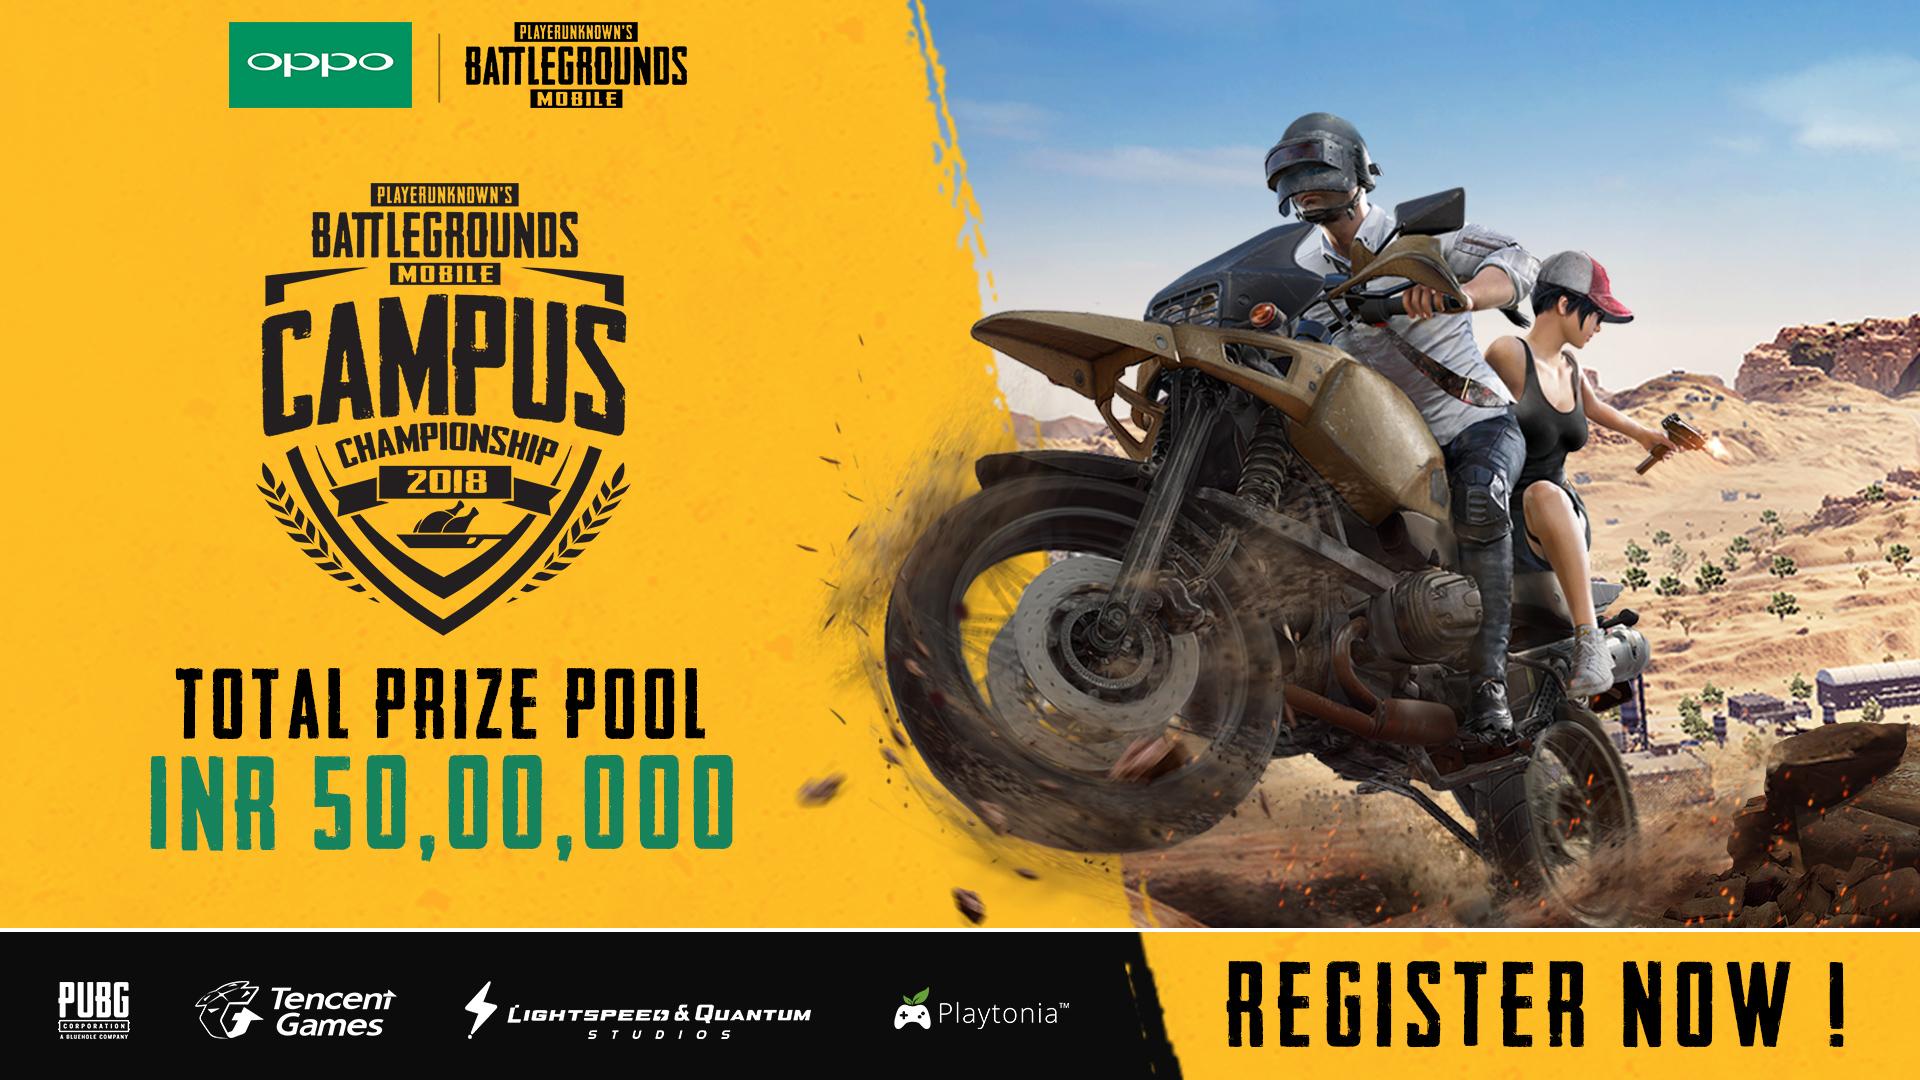 Tencent Games Announces PUBG MOBILE Campus Championship